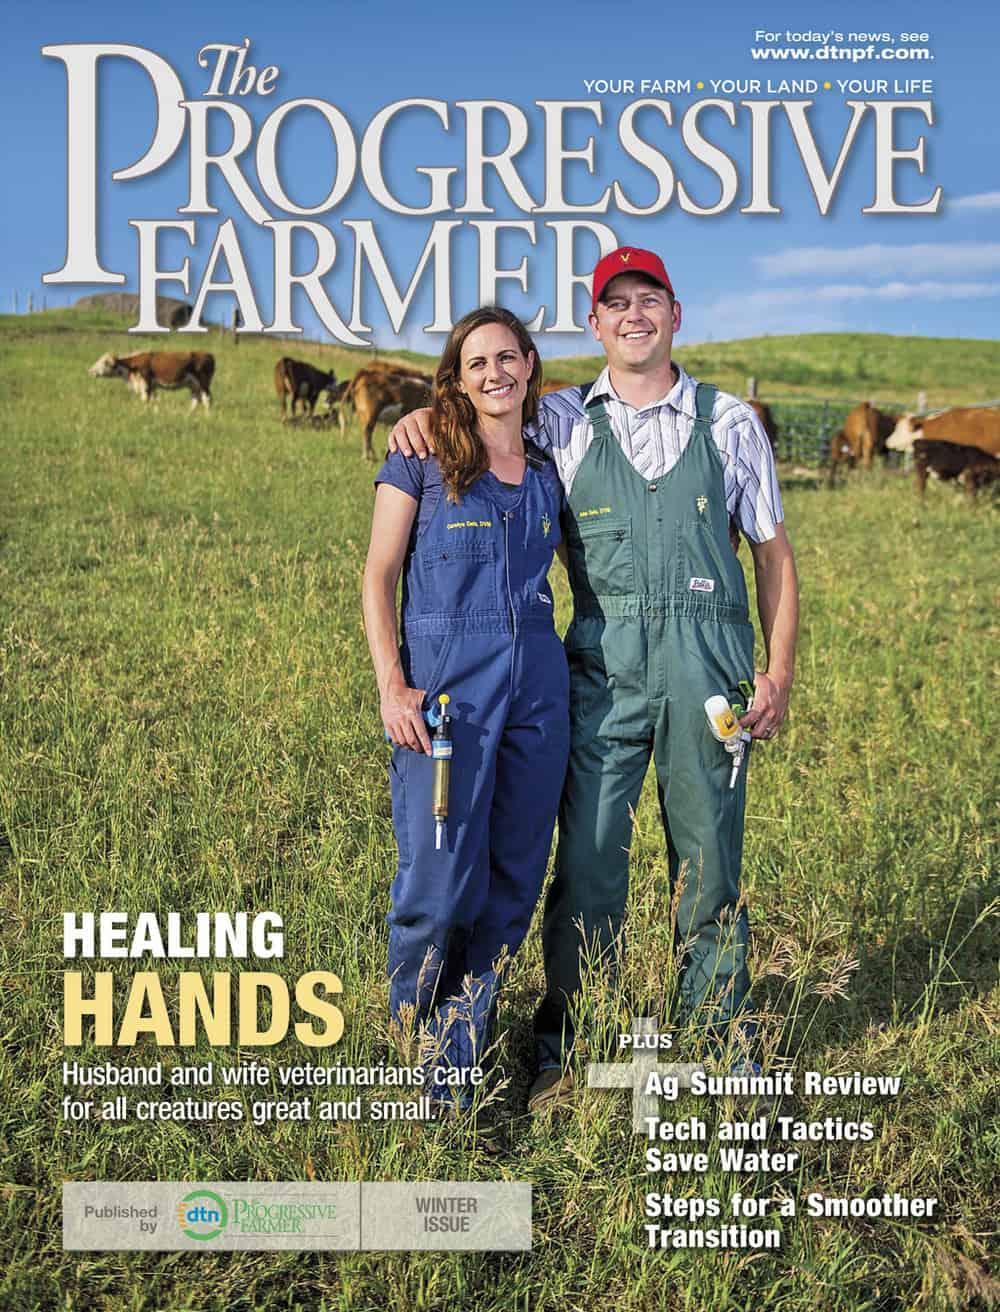 The Progressive Farmer